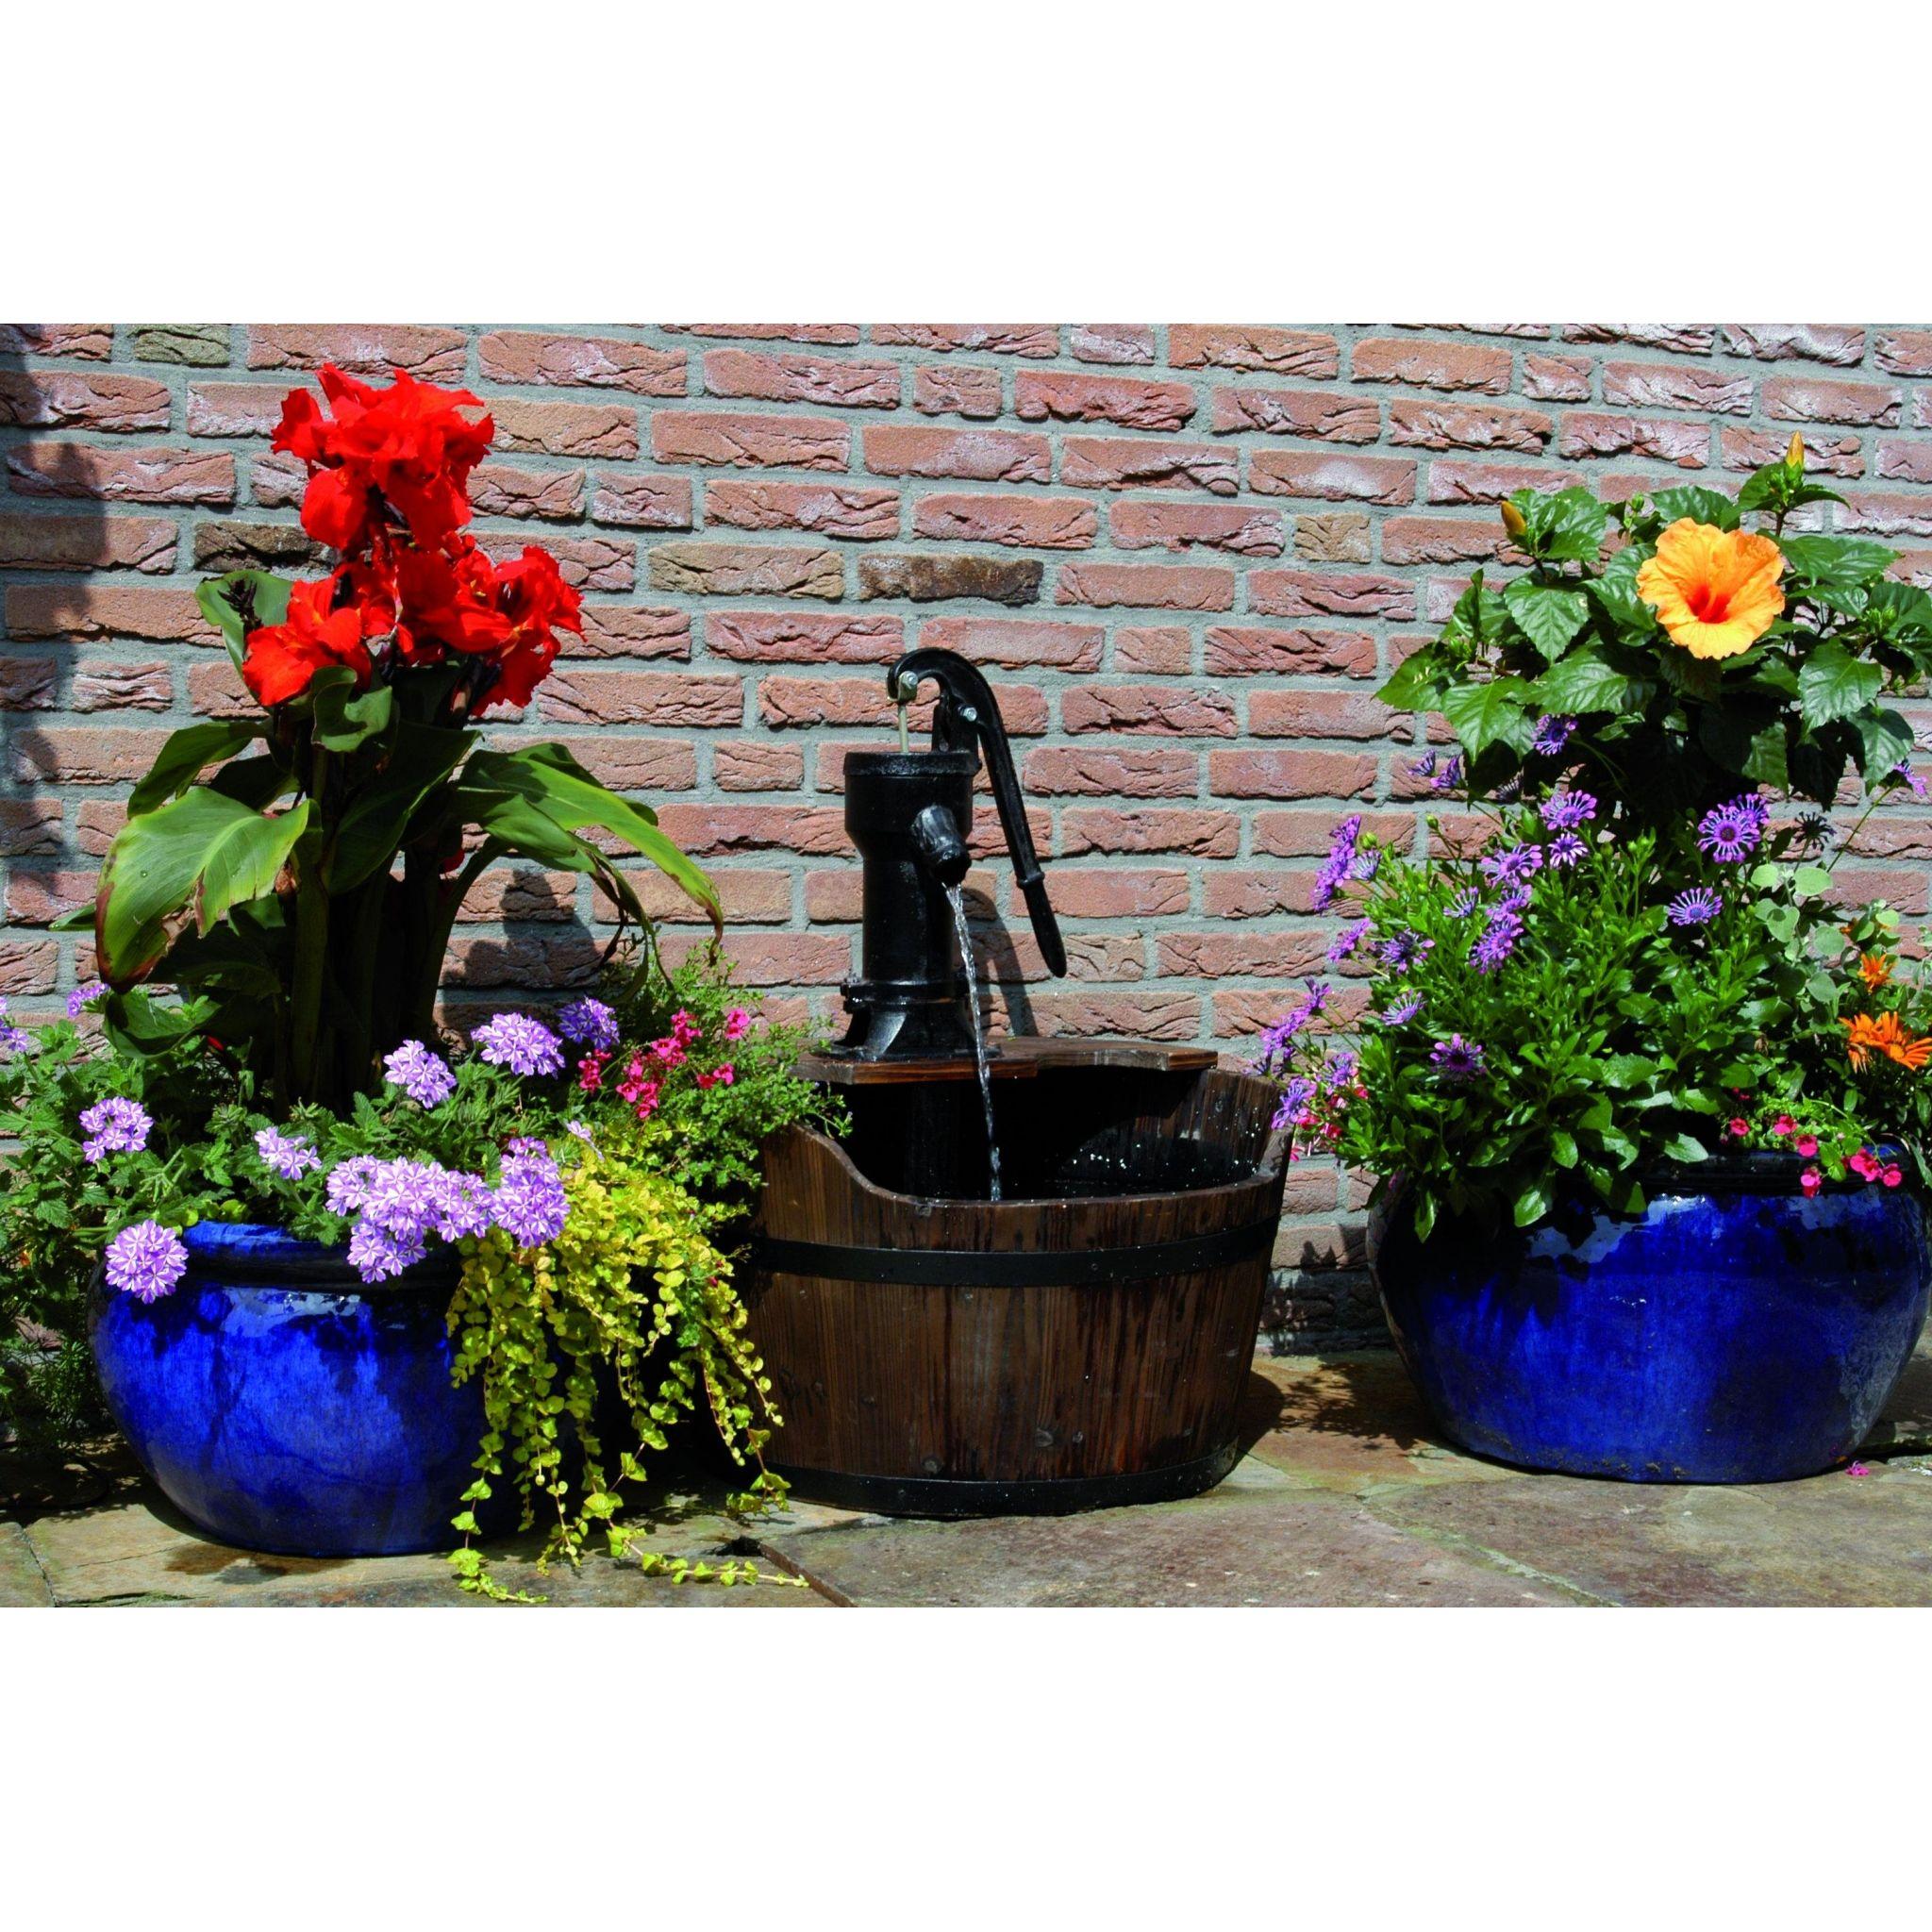 Set newcastle met pomp waterornamenten tuindecoratie tuininrichting buiten tuincentrum - Tuindecoratie buiten ...